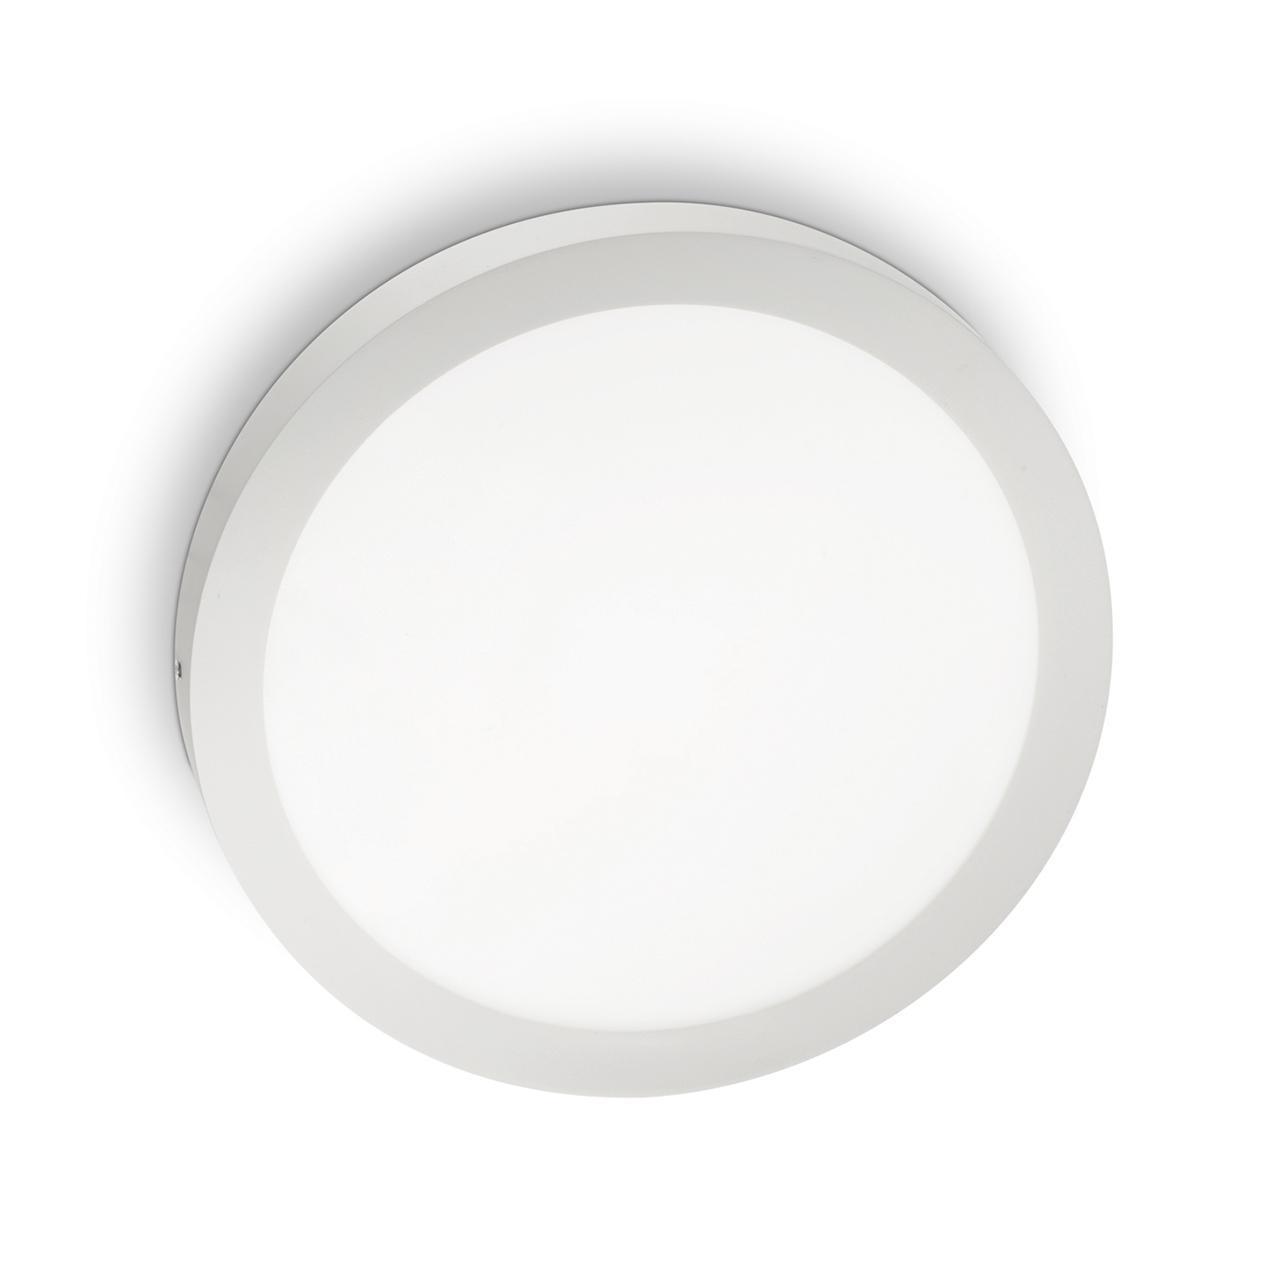 Настенно-потолочный светодиодный светильник Ideal Lux Universal 24W Round Bianco